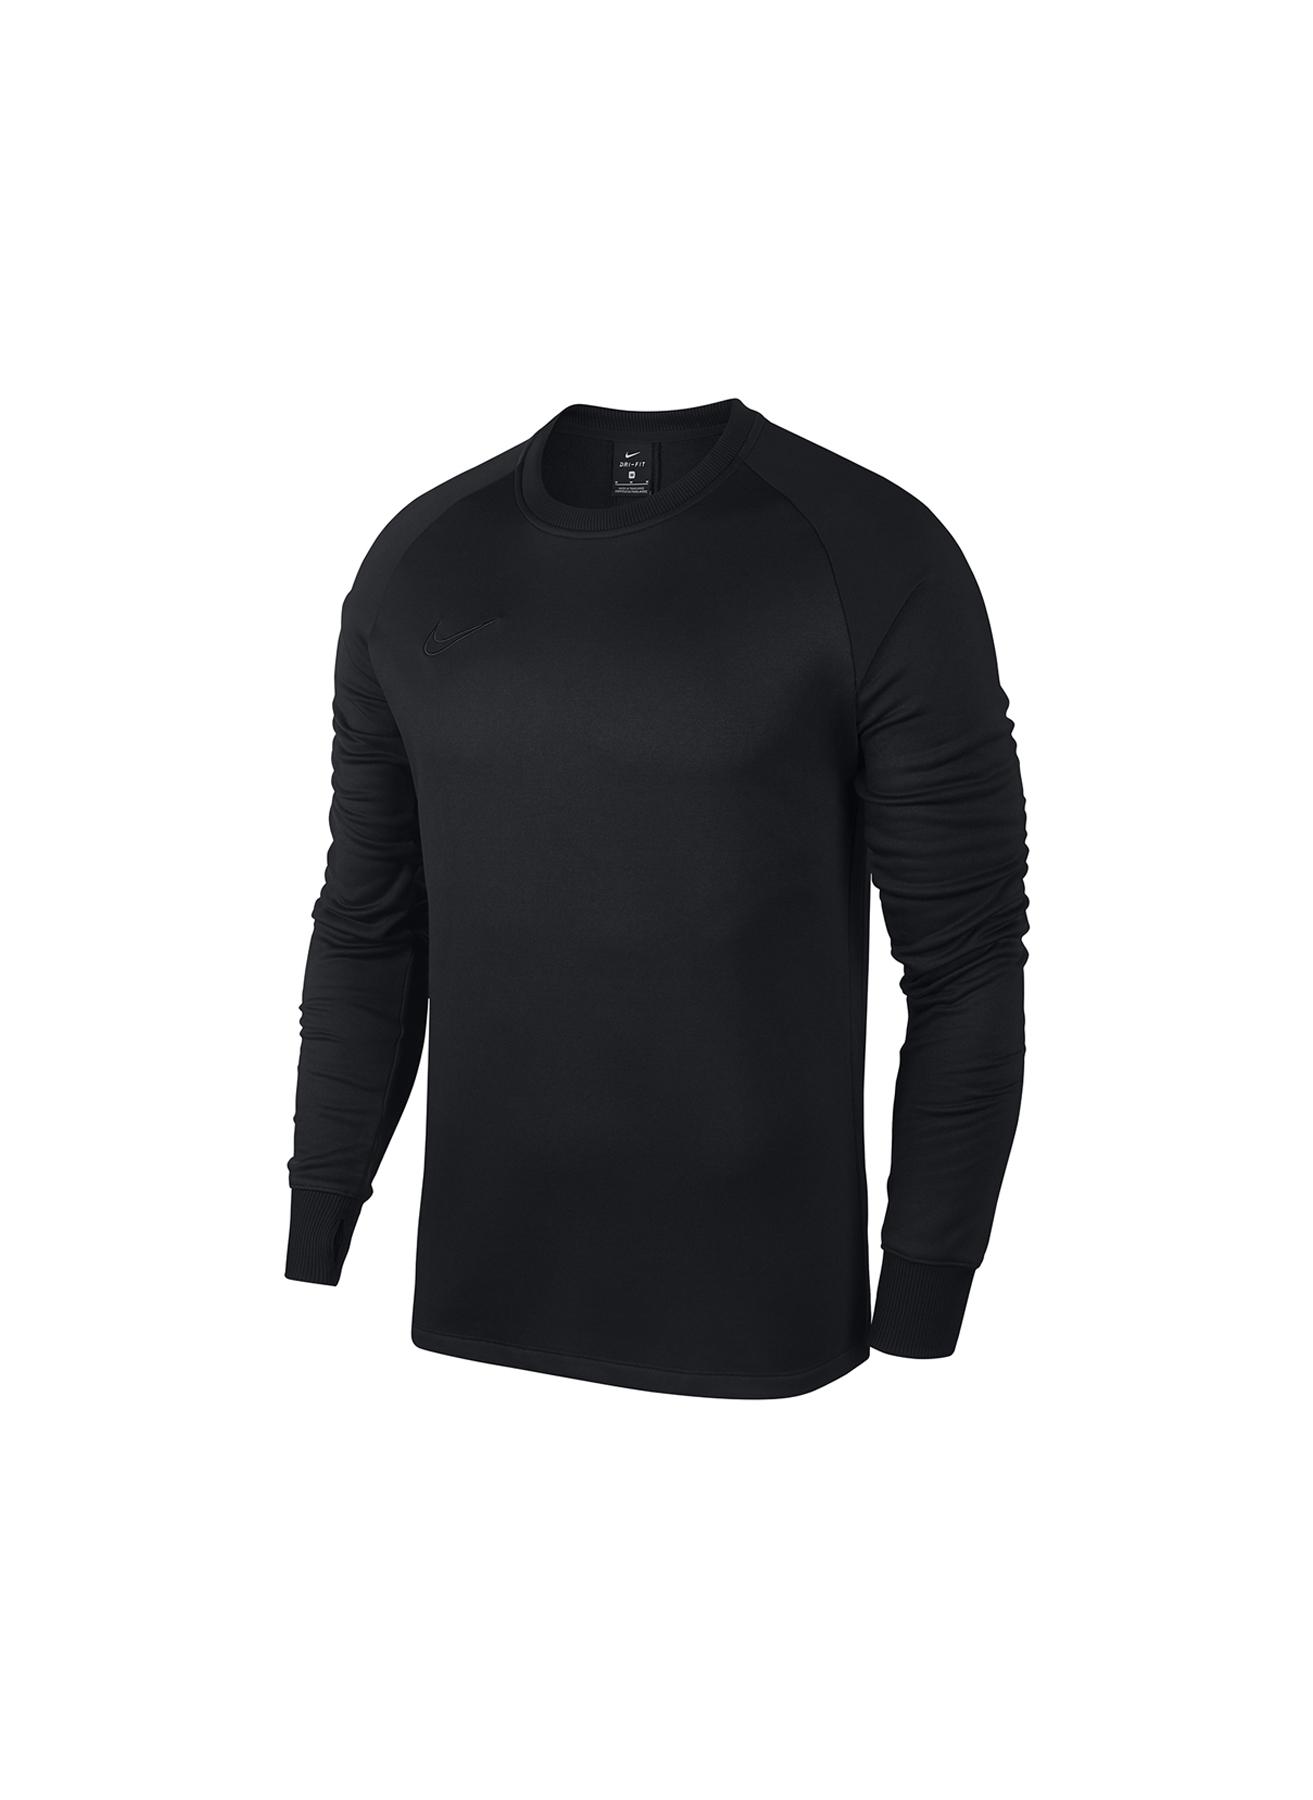 Nike Therma Academy Erkek Sweatshirt L 5002329007001 Ürün Resmi